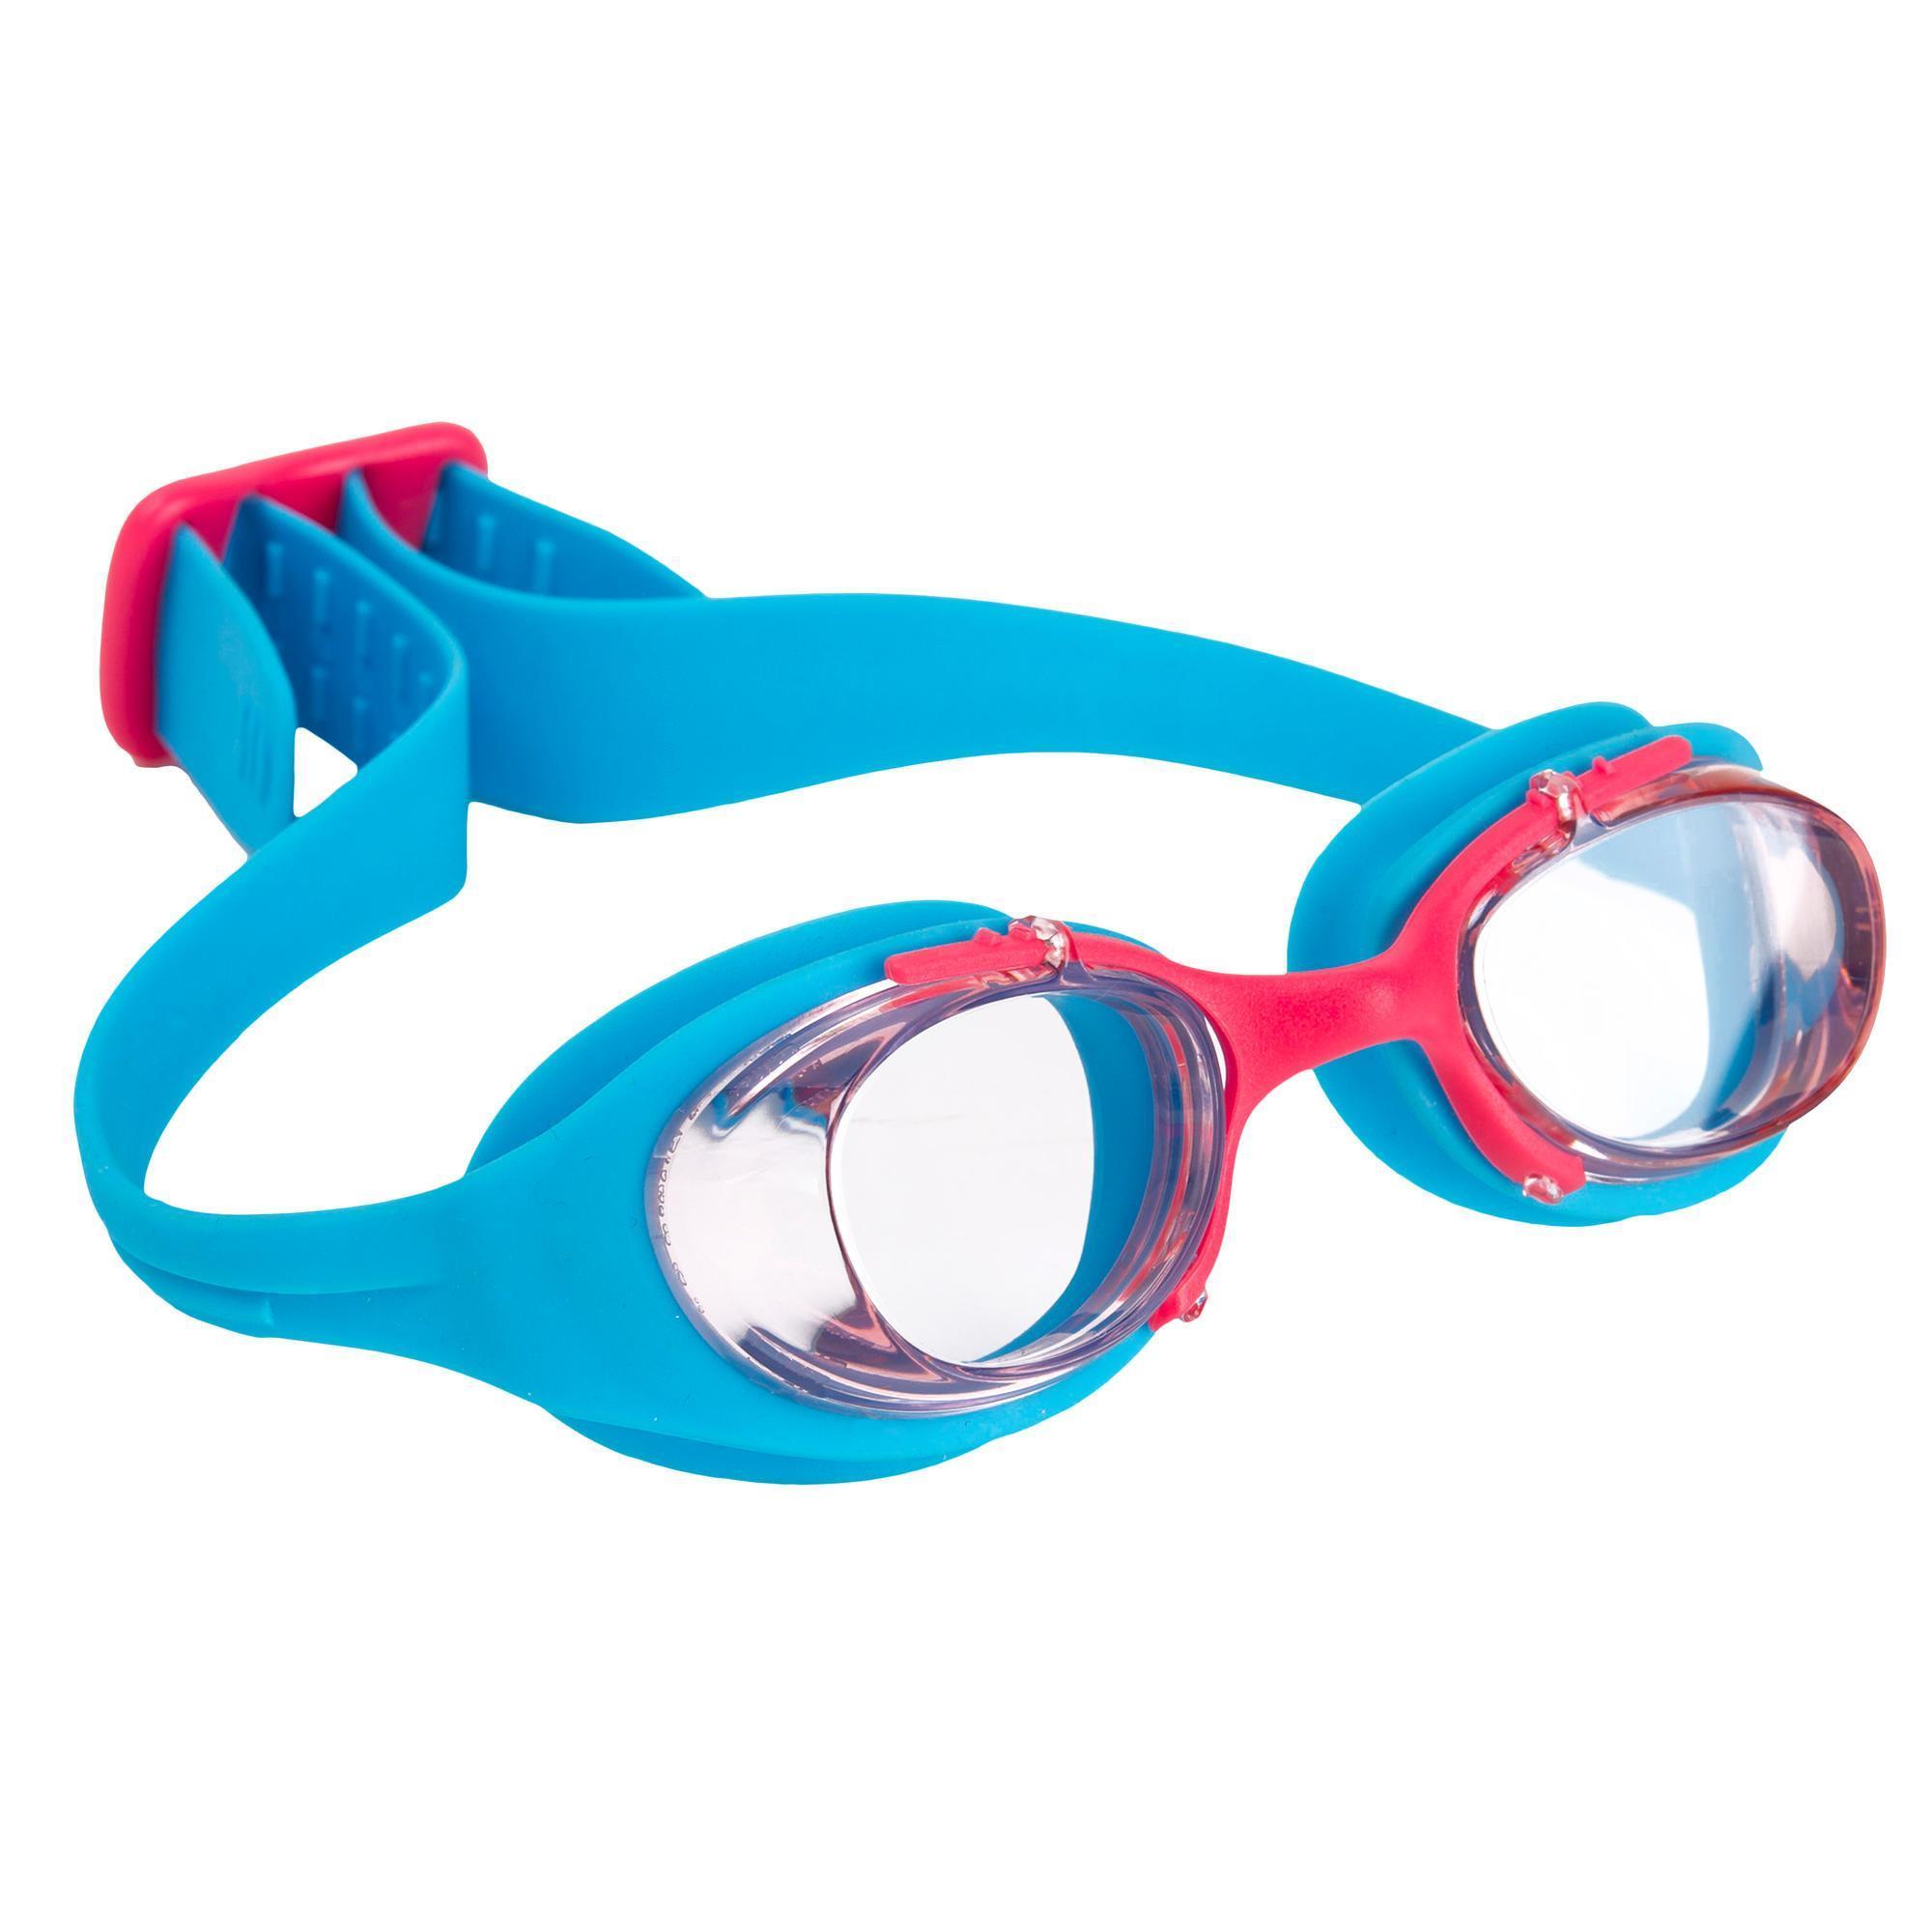 interesting sac kit de natation leony maillot de bain lunettes bonnet  serviette with lunettes natation decathlon